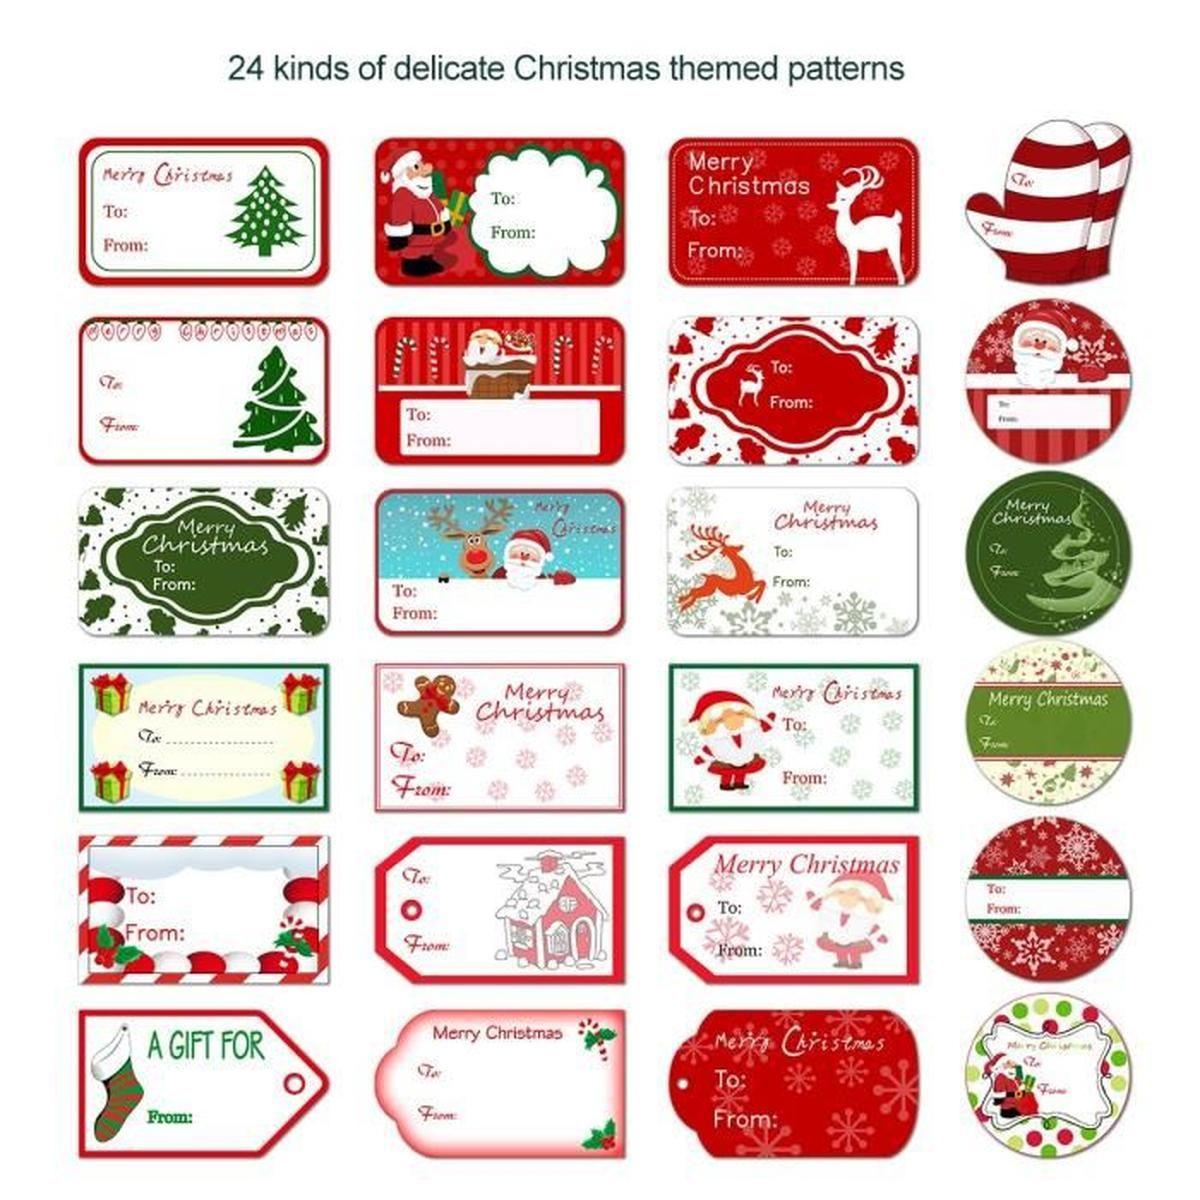 Etiquettes Cadeau Noel dedans Etiquette Pour Cadeau De Noel